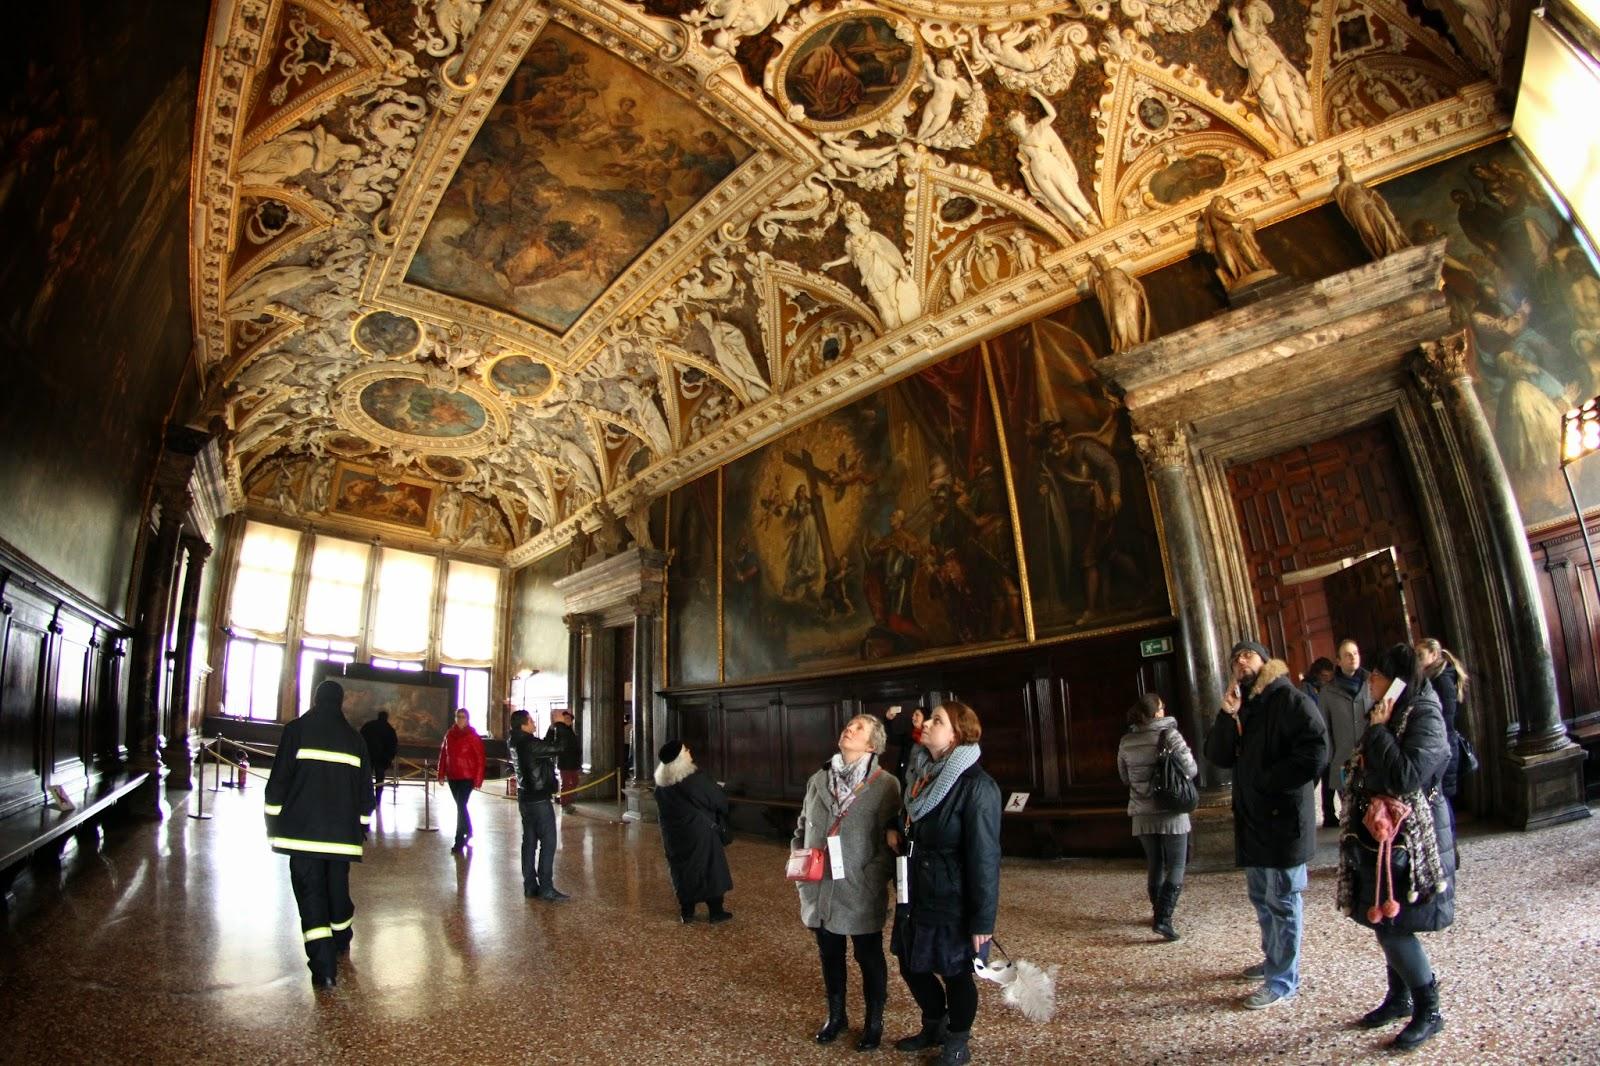 Roteiro de lugares a visitar na PRAÇA DE SÃO MARCOS (San Marco) em Veneza | Itália